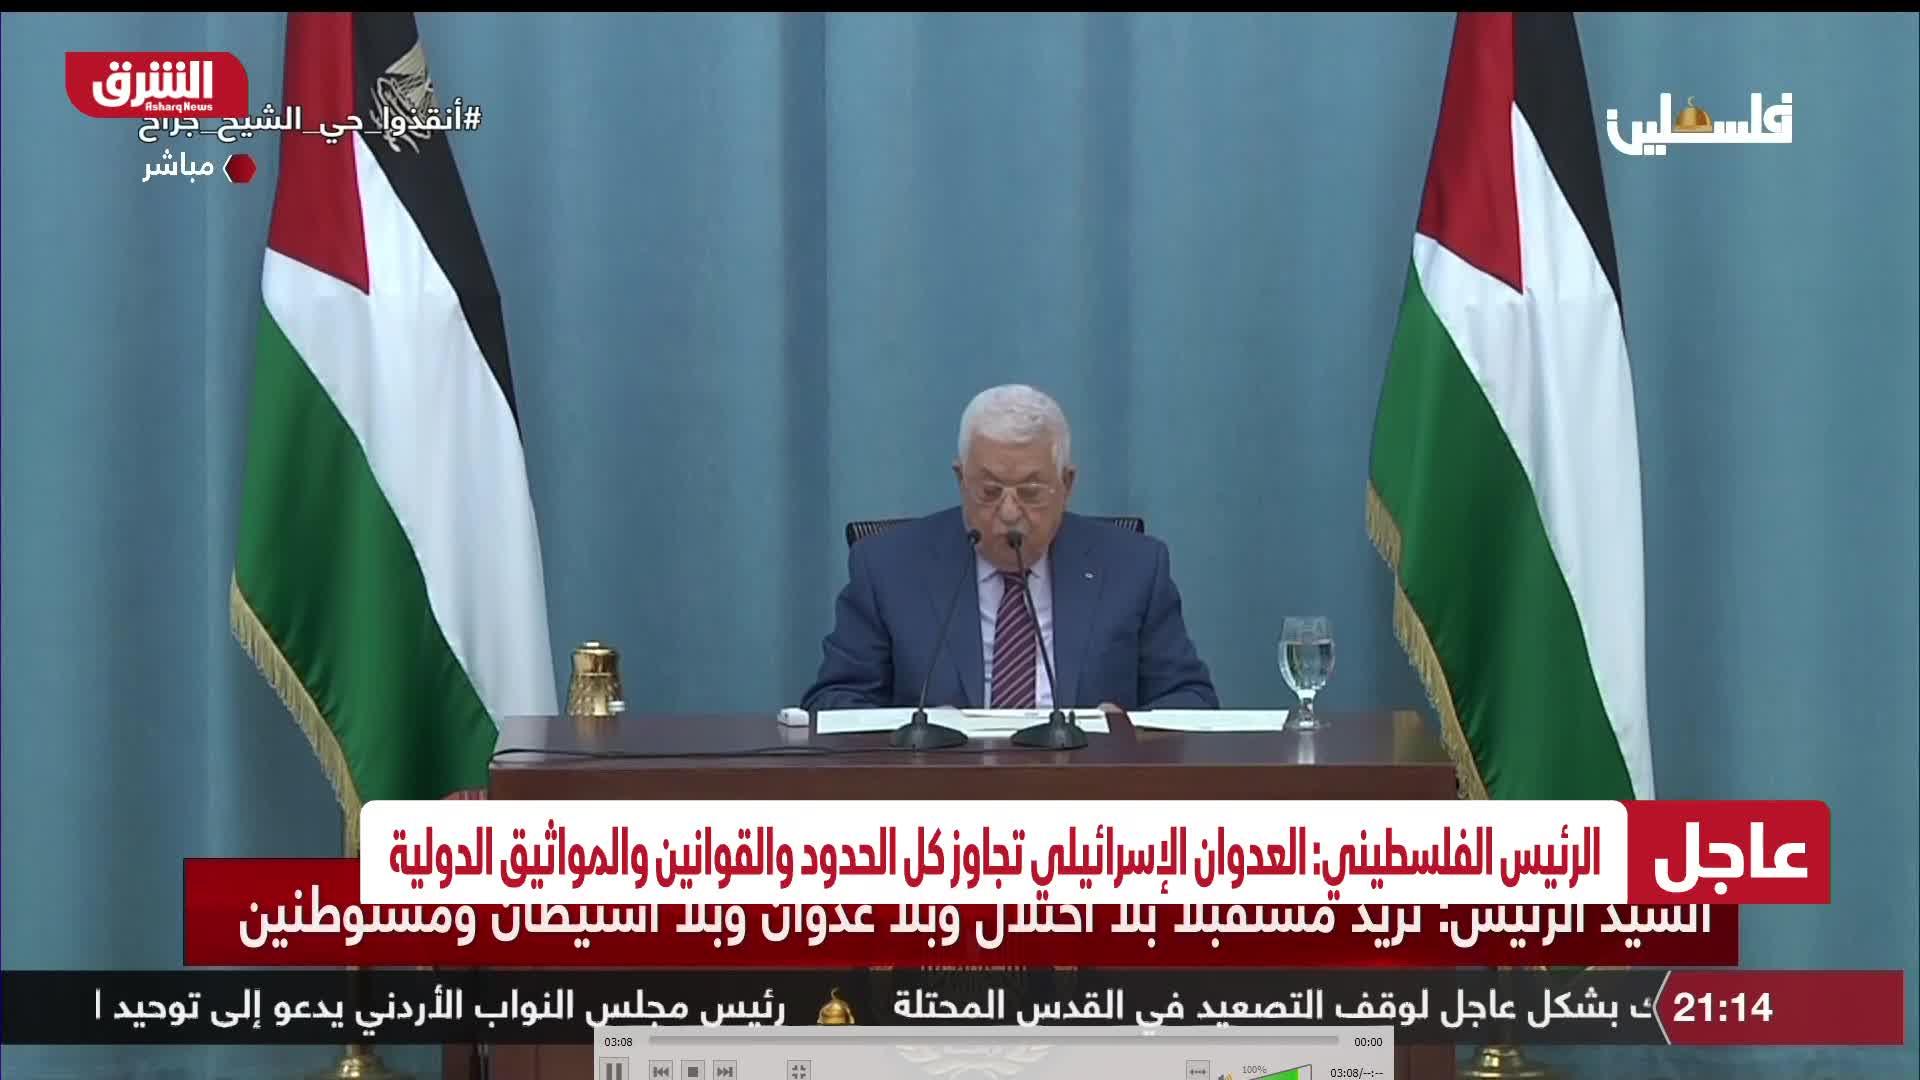 الرئيس الفلسطيني: إسرائيل تريد فرض واقعاً استعمارياً في القدس